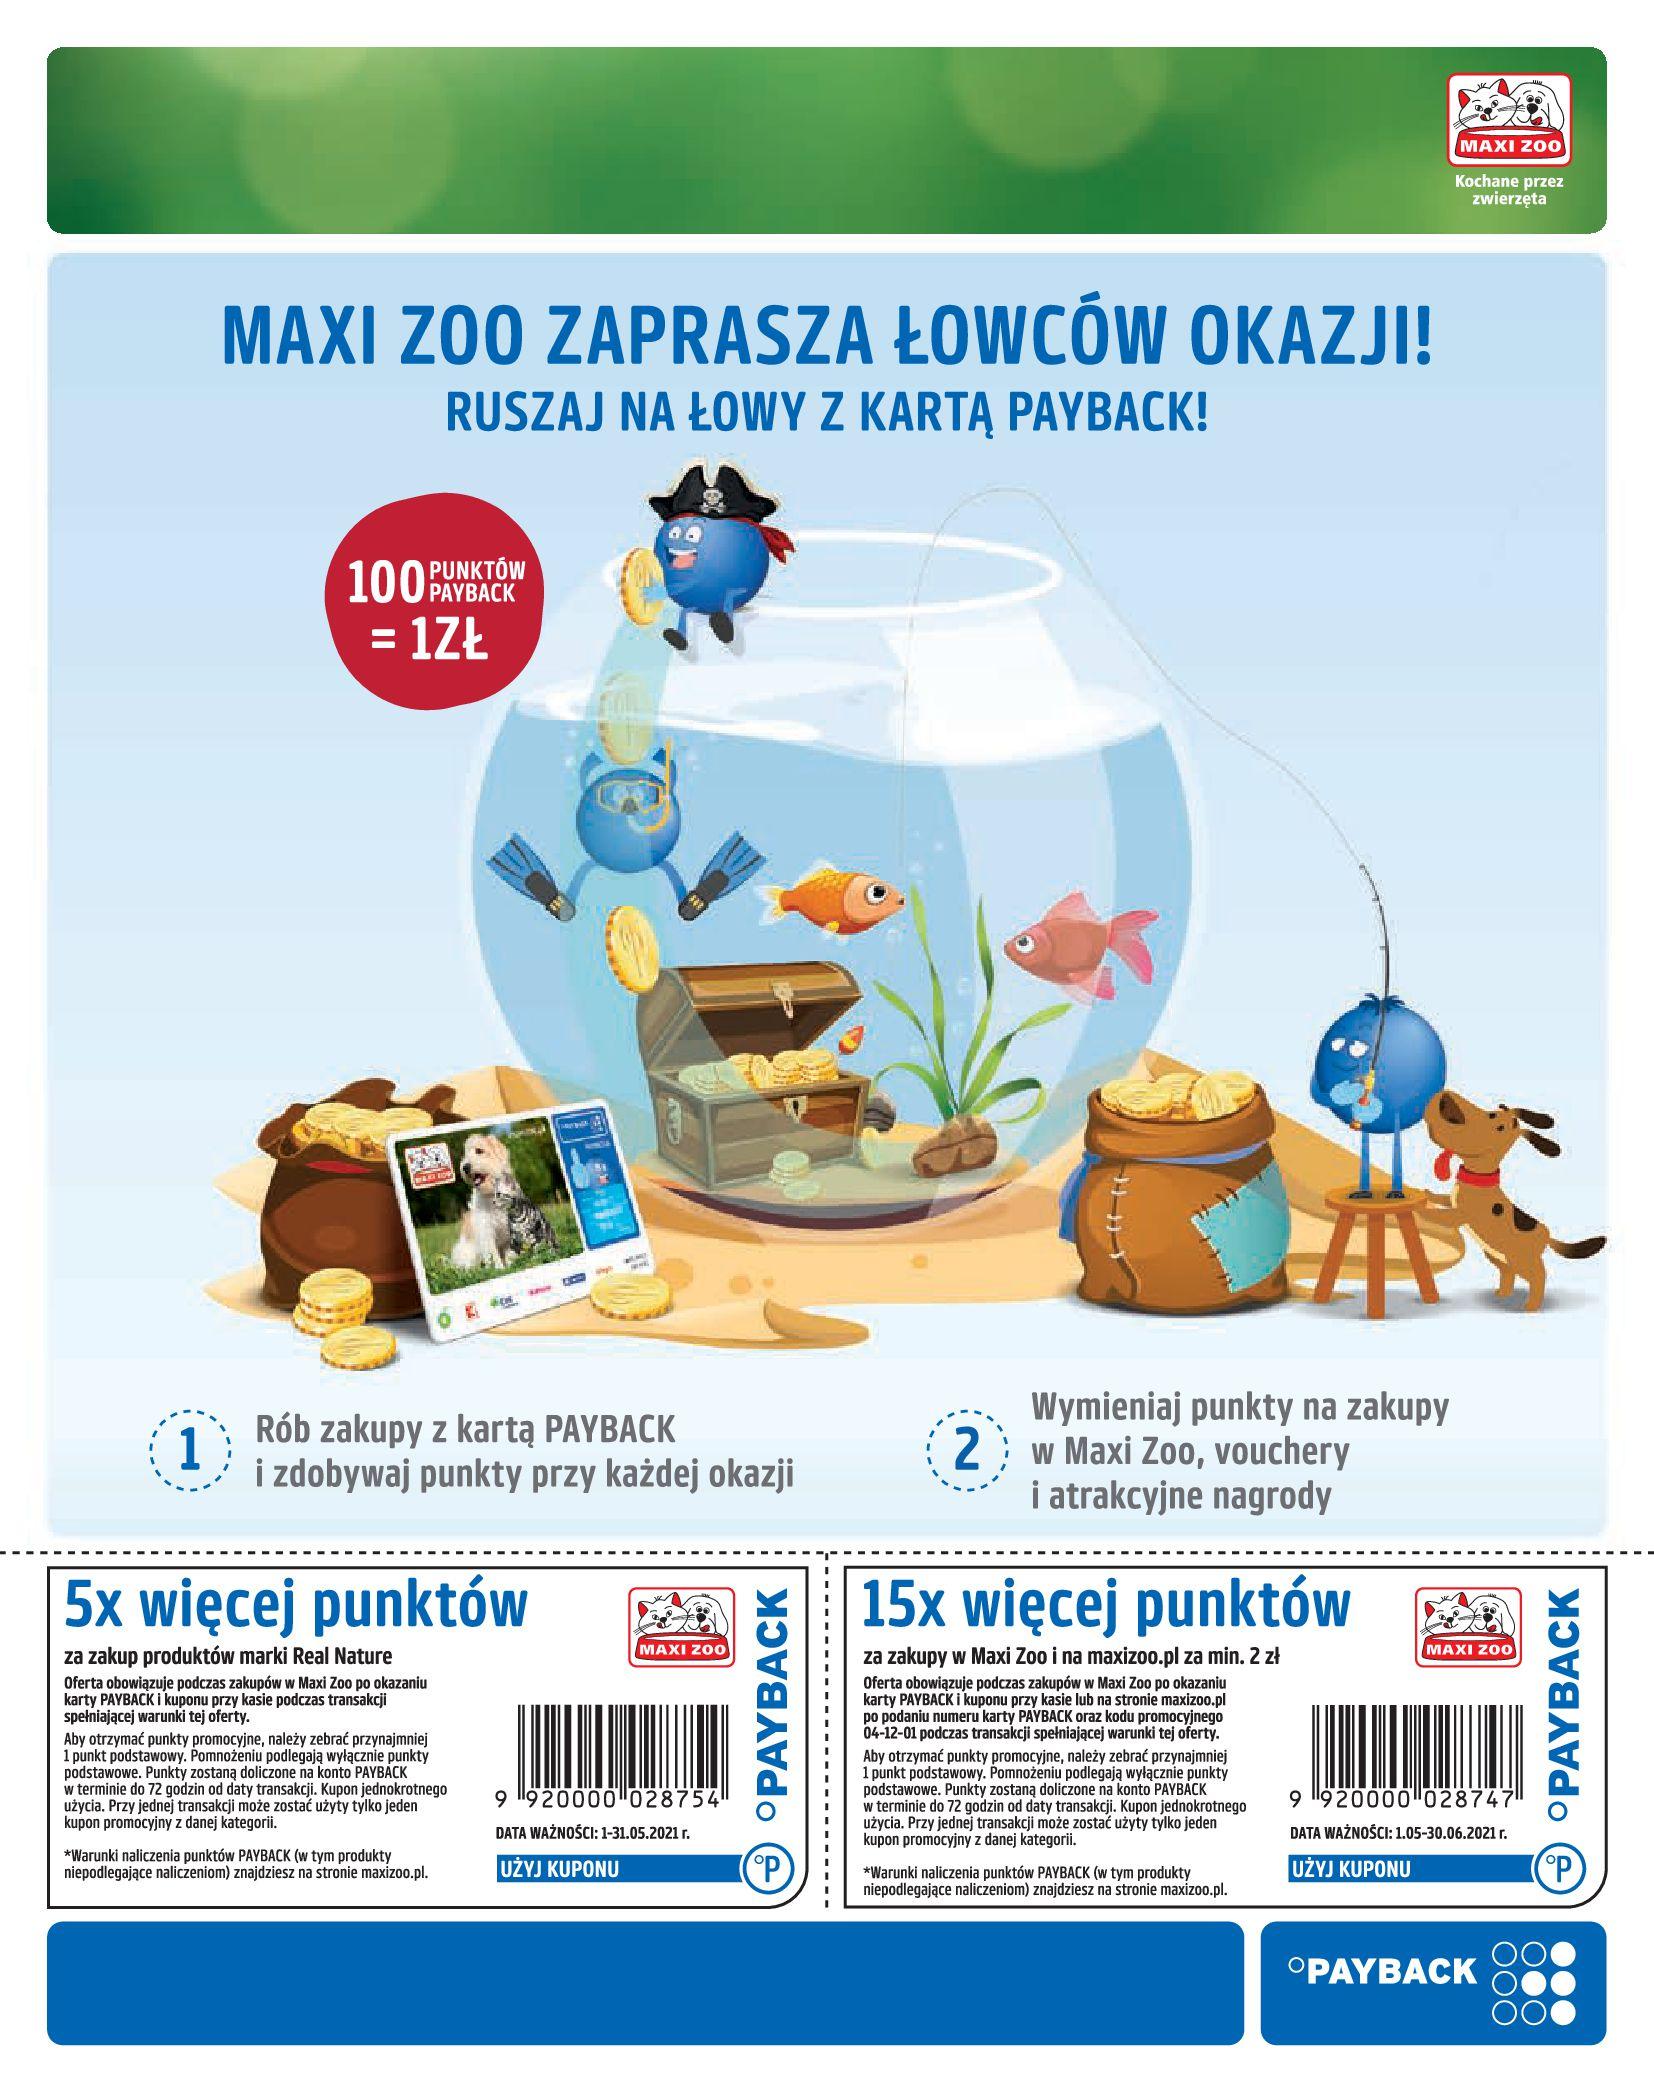 Gazetka Maxi Zoo: Gazetka Maxi Zoo - Friends 2021-05-18 page-21